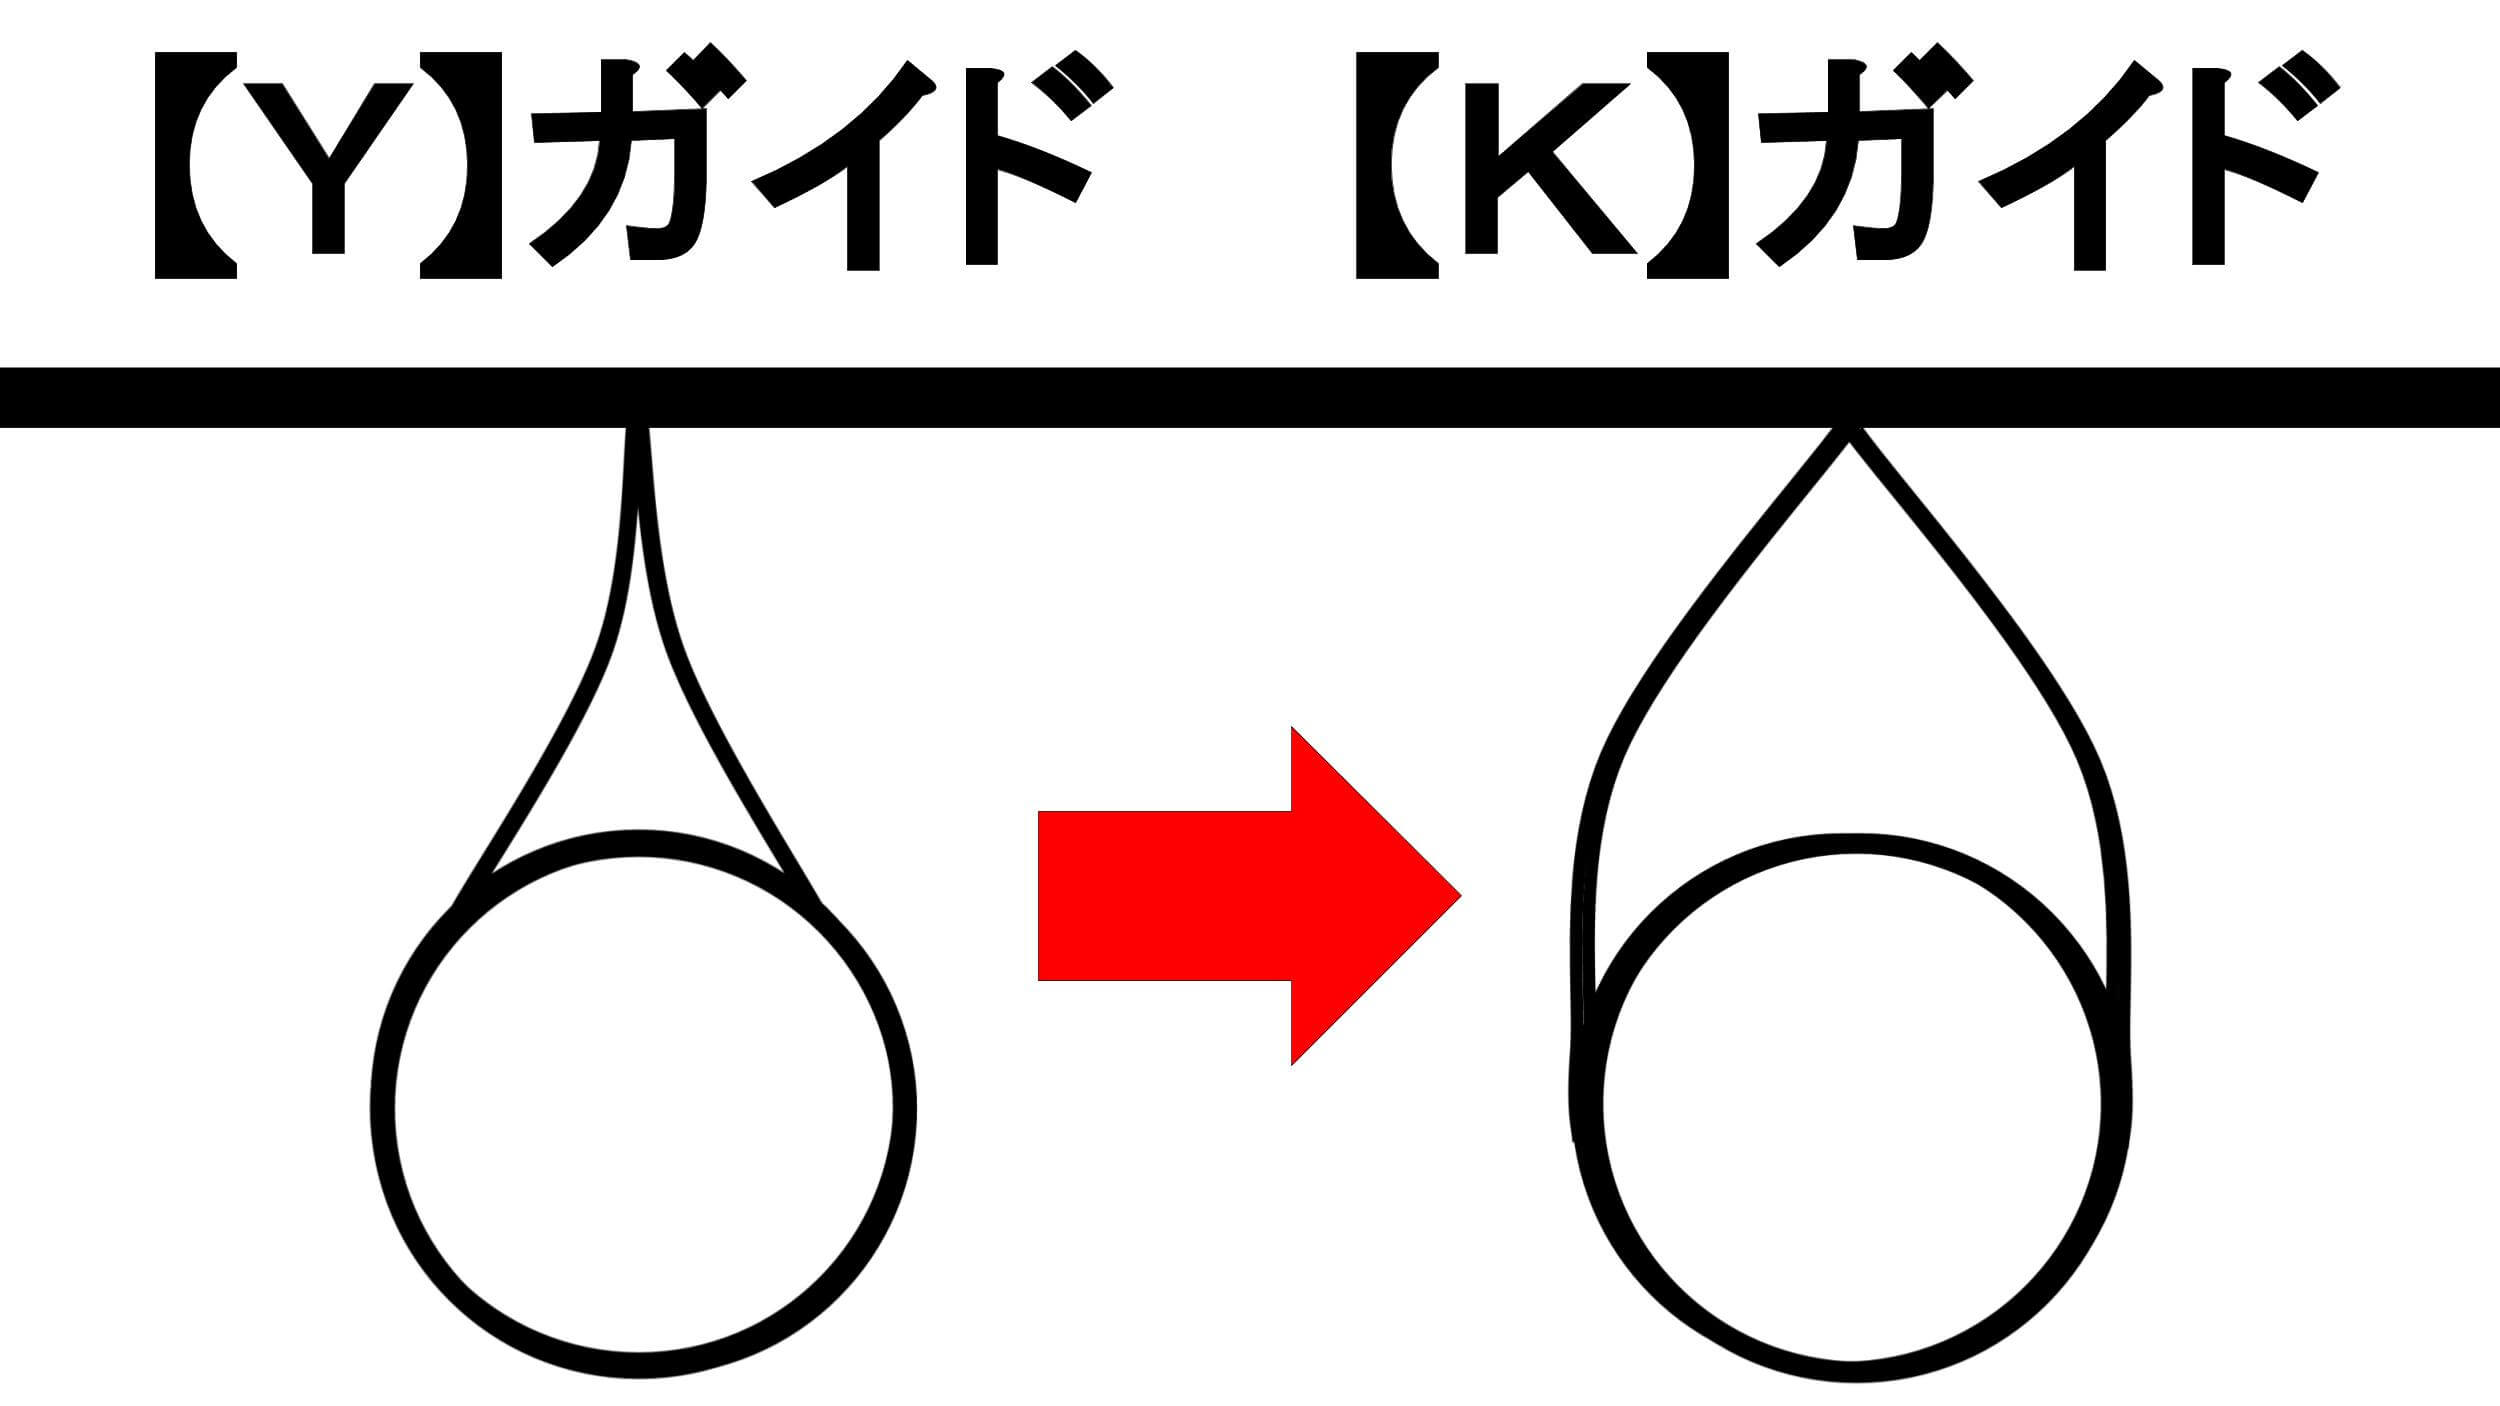 ガイドのブリッジの形状変更 【Y】ガイドと【K】ガイド